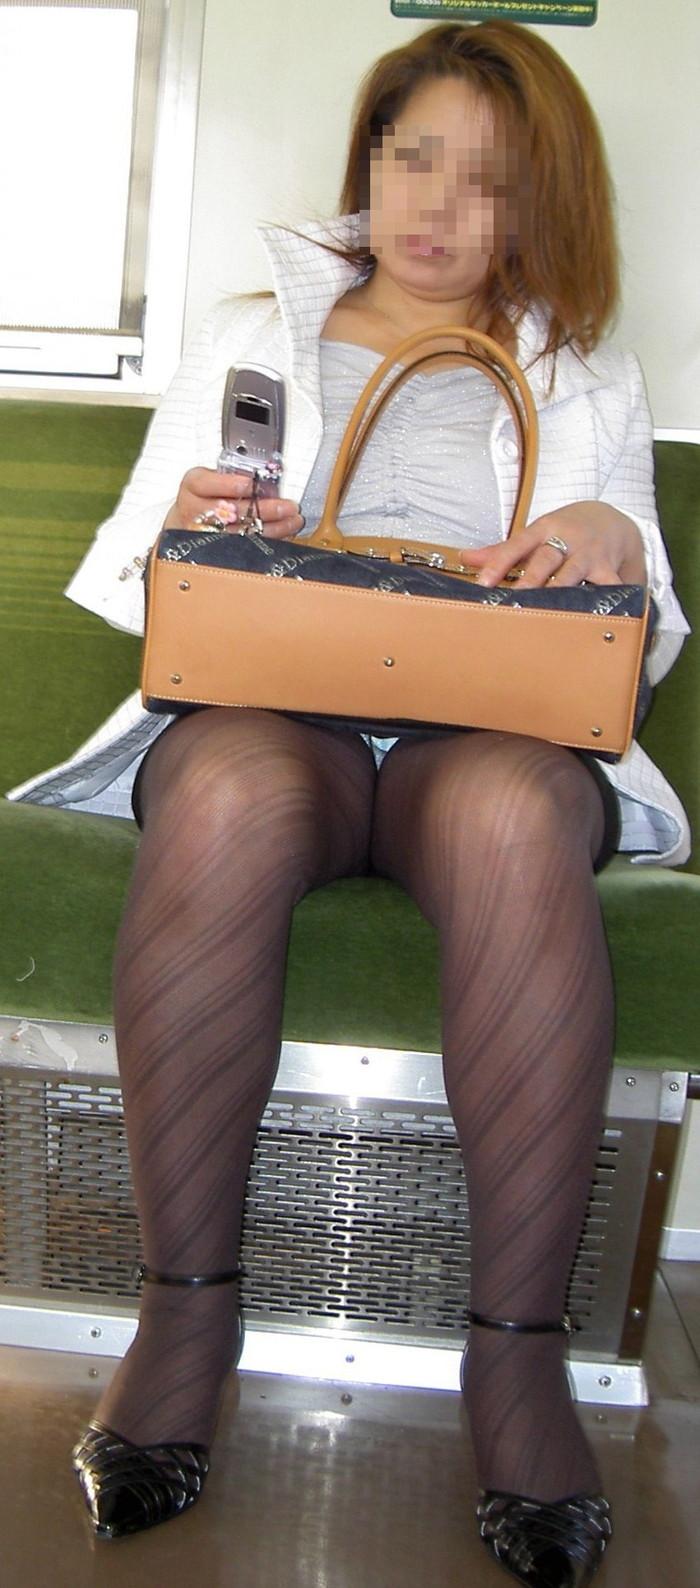 【対面パンチラエロ画像】電車内で対面に座った女の股間が気になって仕方ないww 24